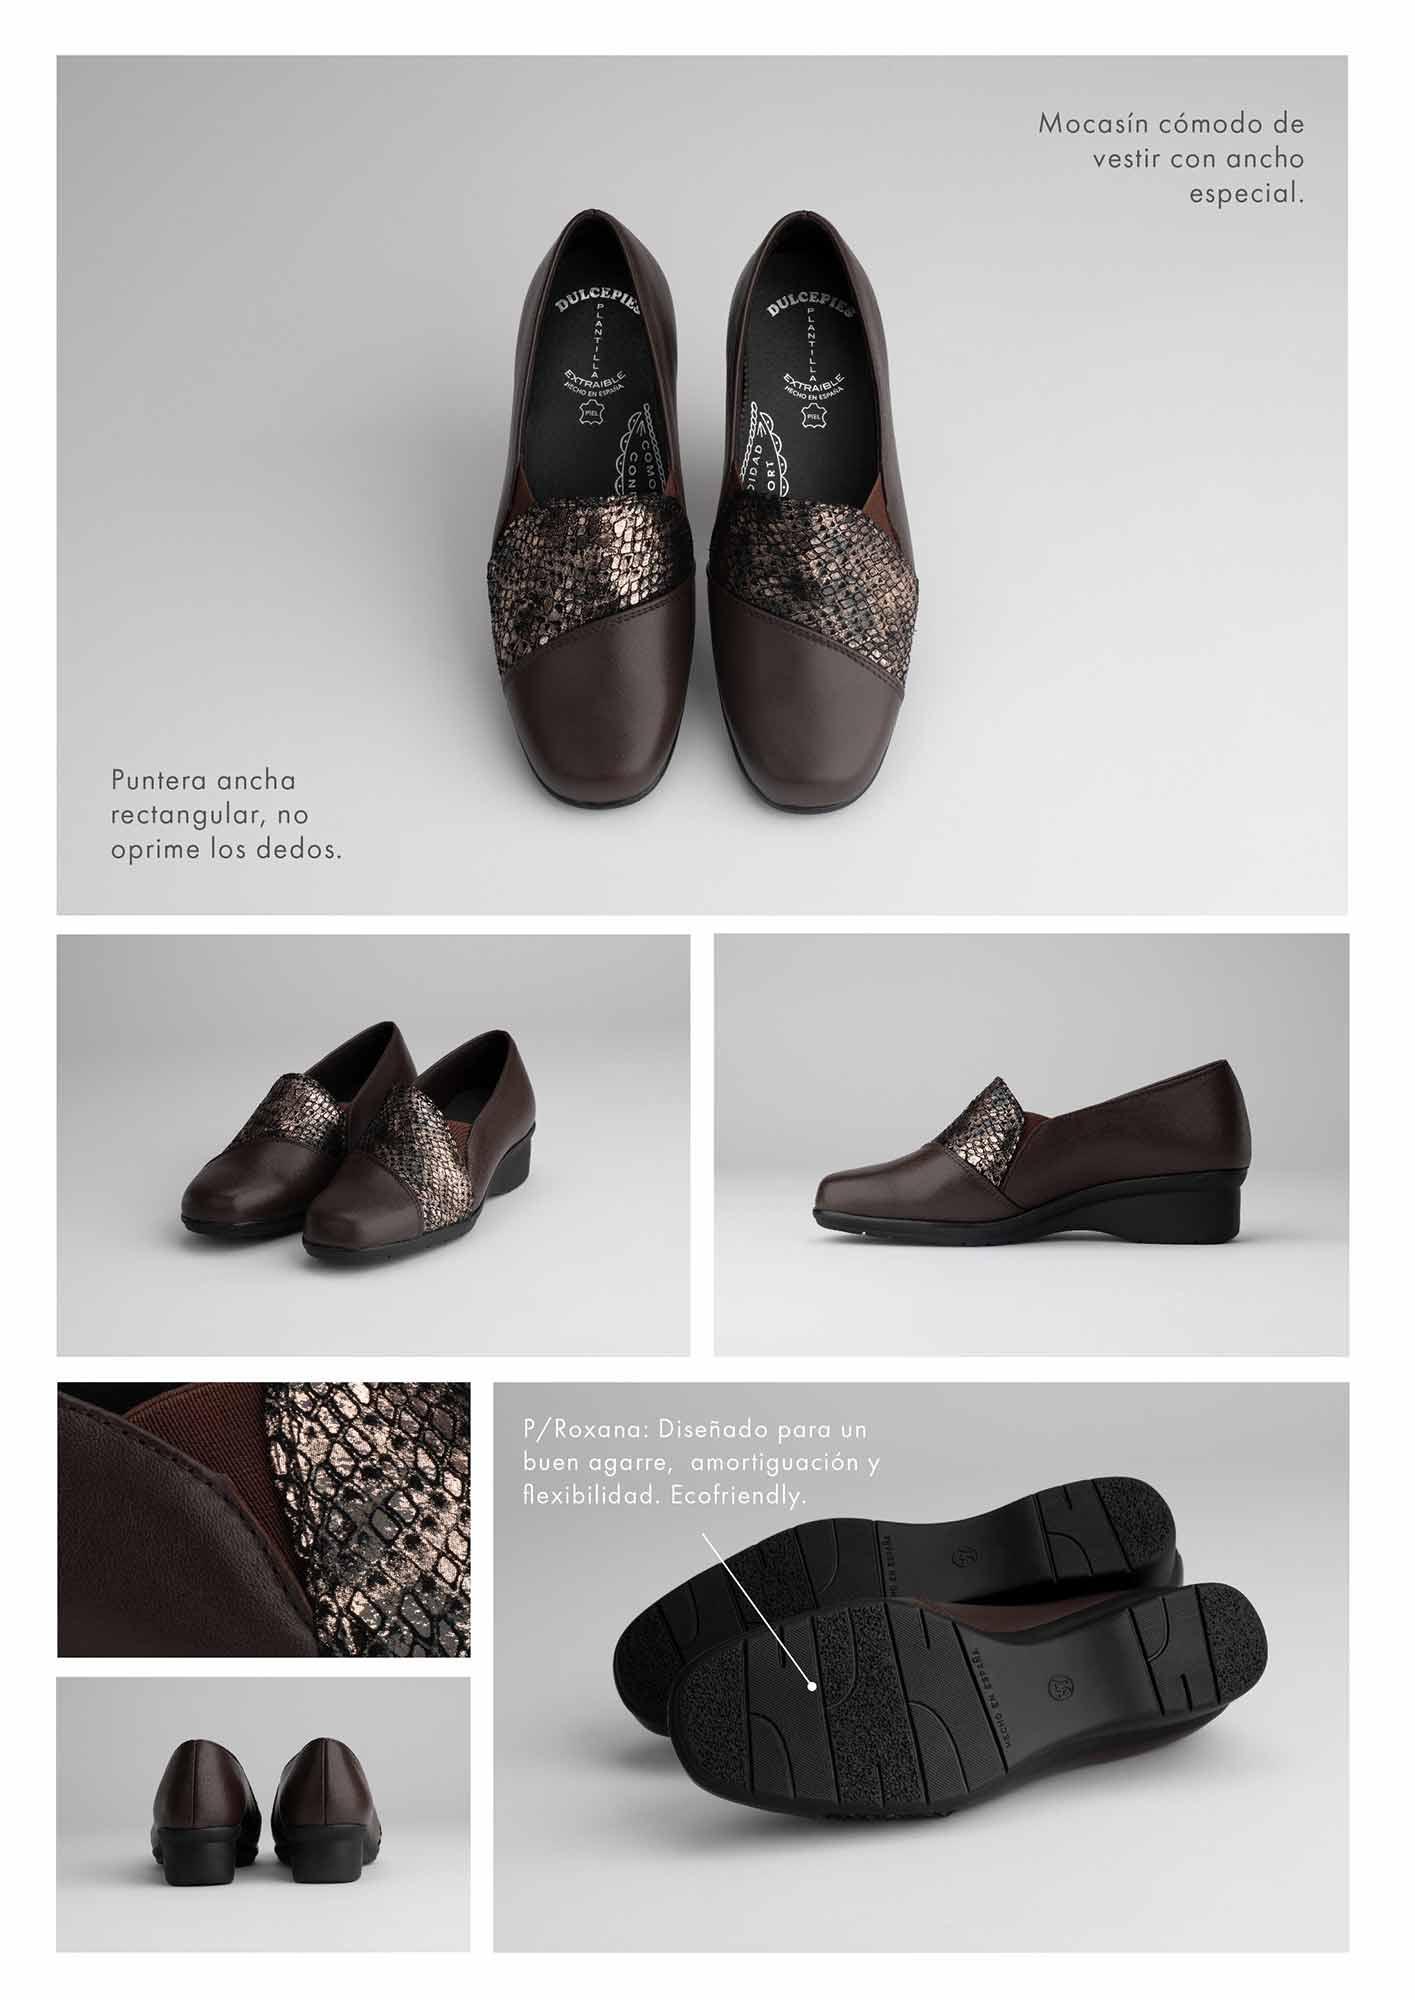 Cátalogo de zapatos